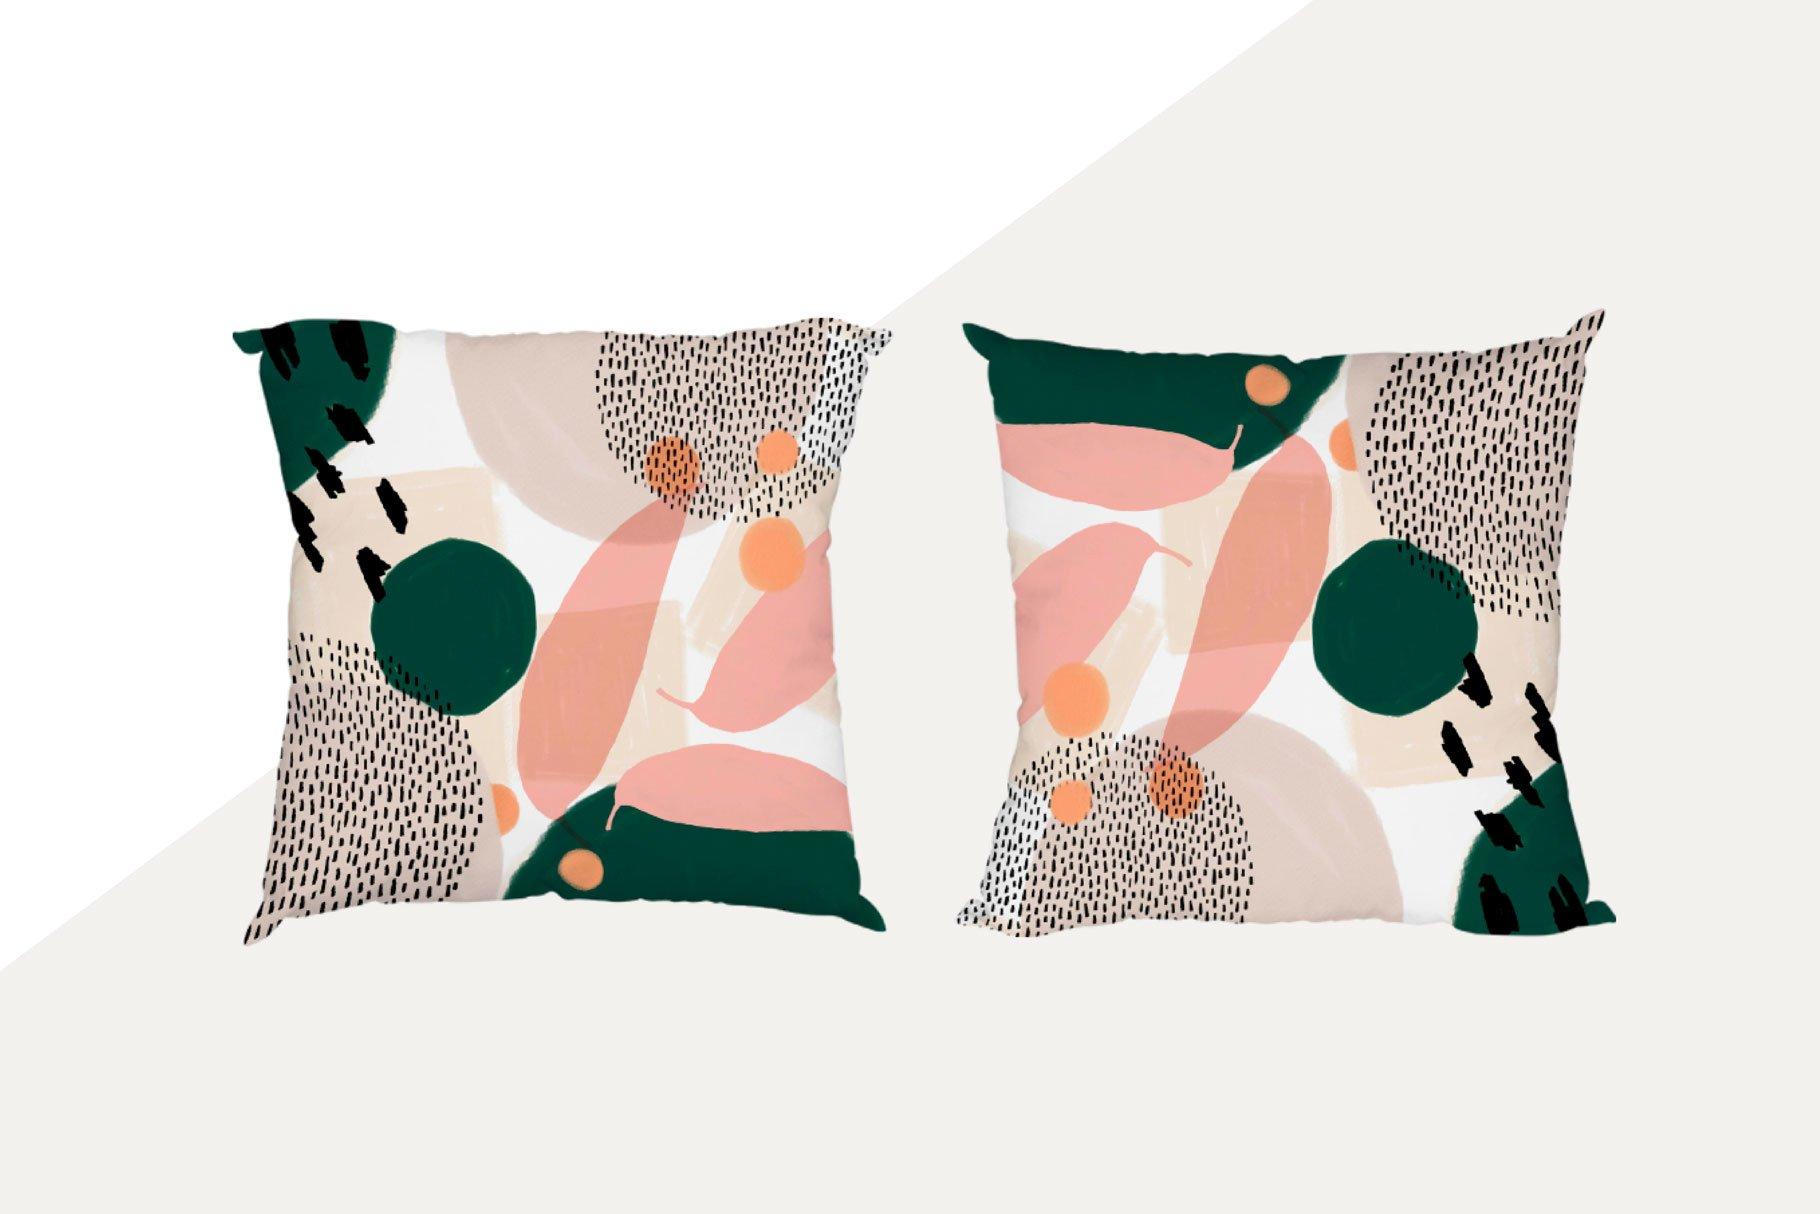 抽象有机形状图案矢量素材集 Komorebi Organic Shapes Pattern Set插图(5)